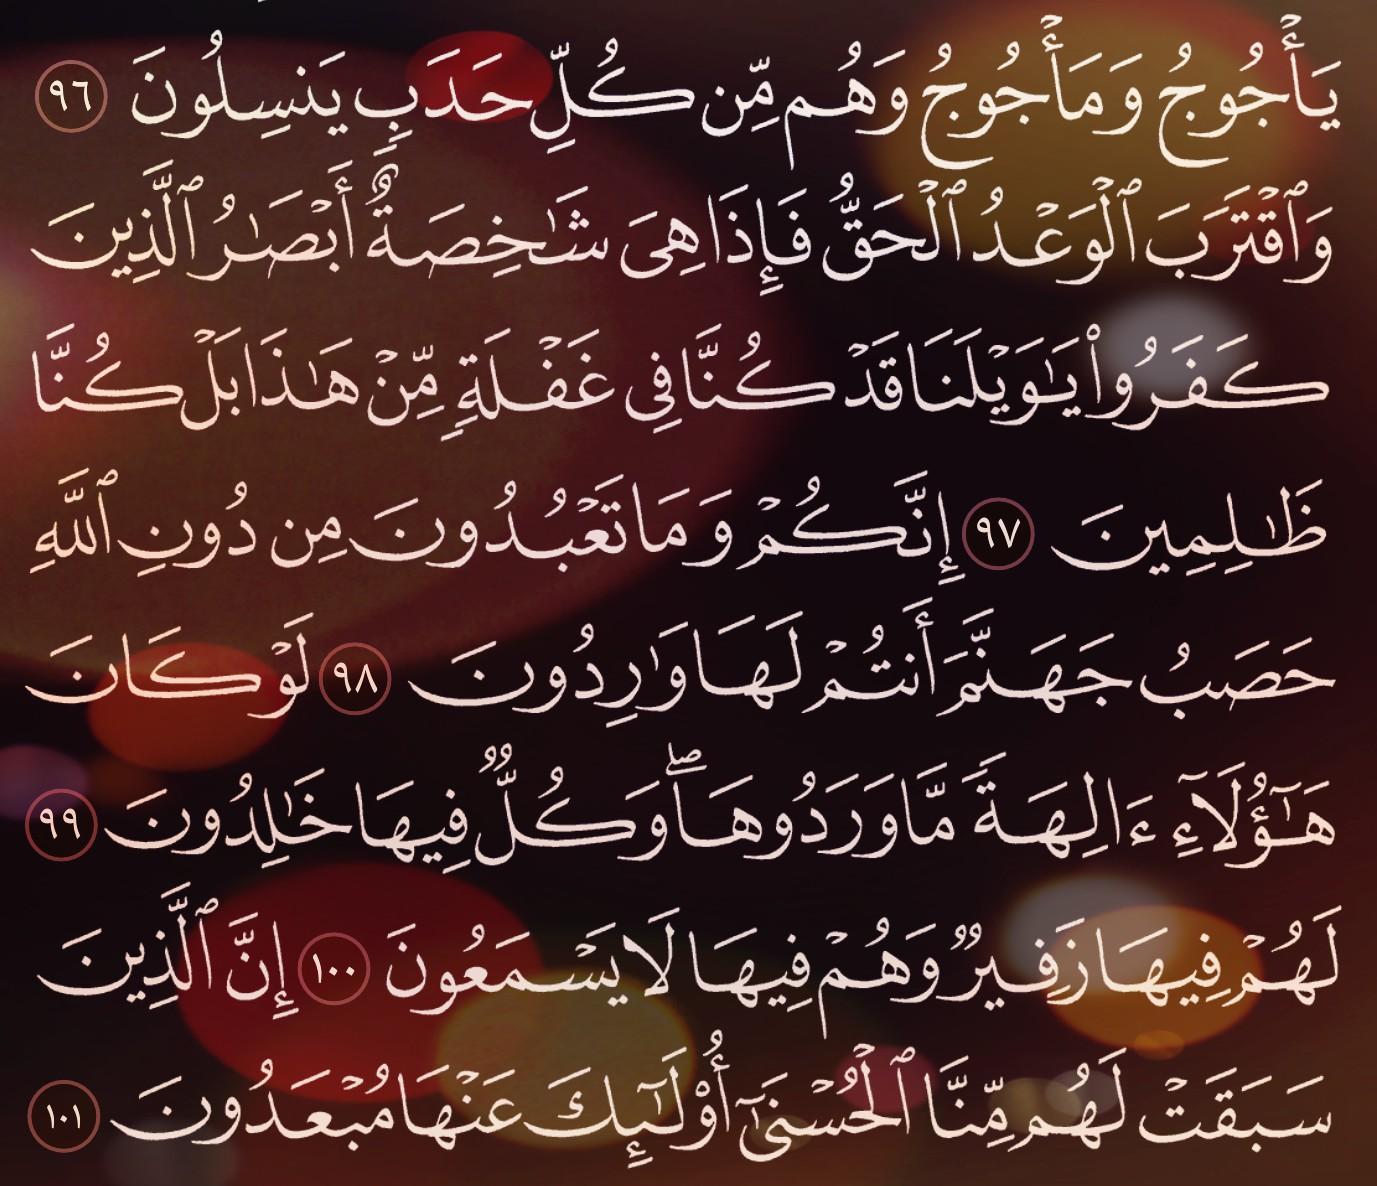 شرح وتفسير سورة الأنبياء surah al-anbiya ( من الآية 91 إلى الاية 101 )